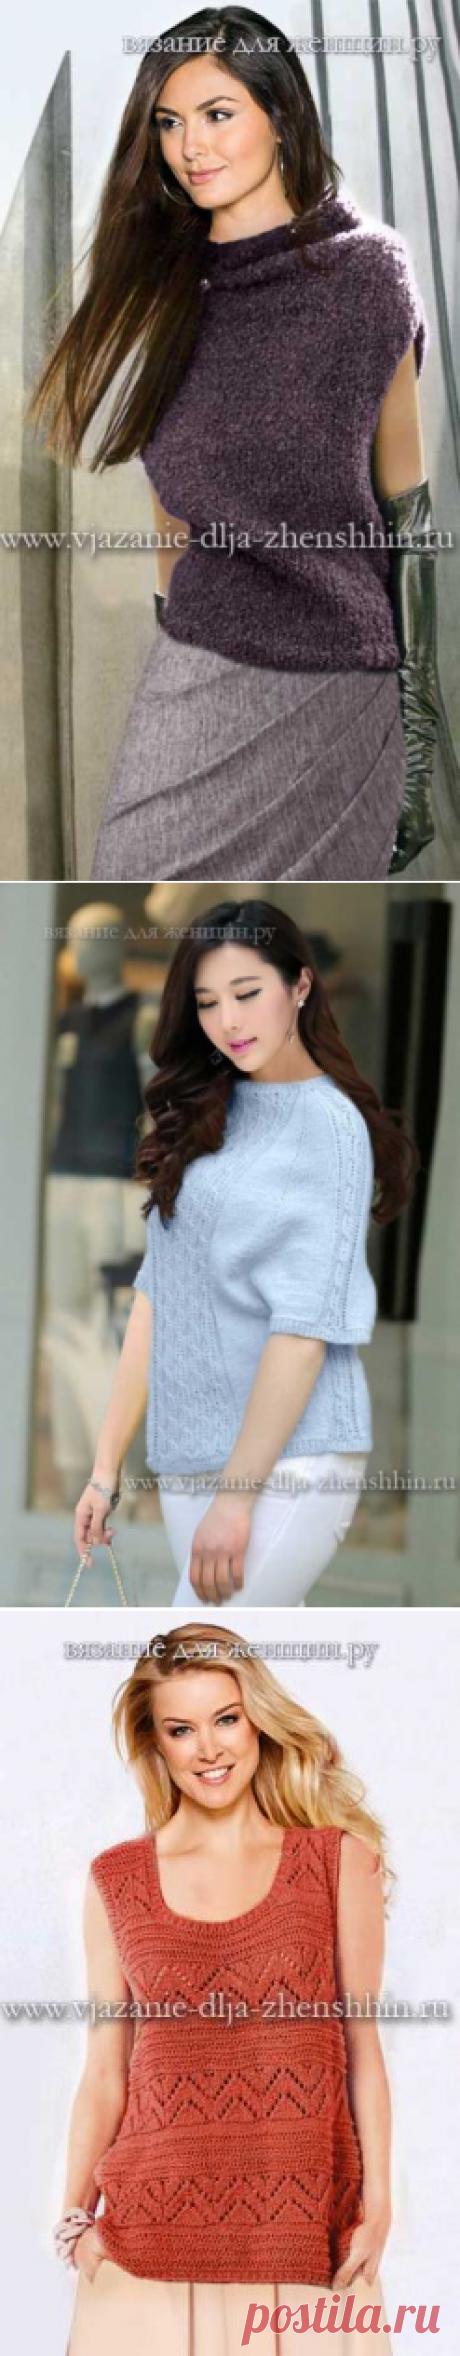 Модная модель вязания спицами для женщин